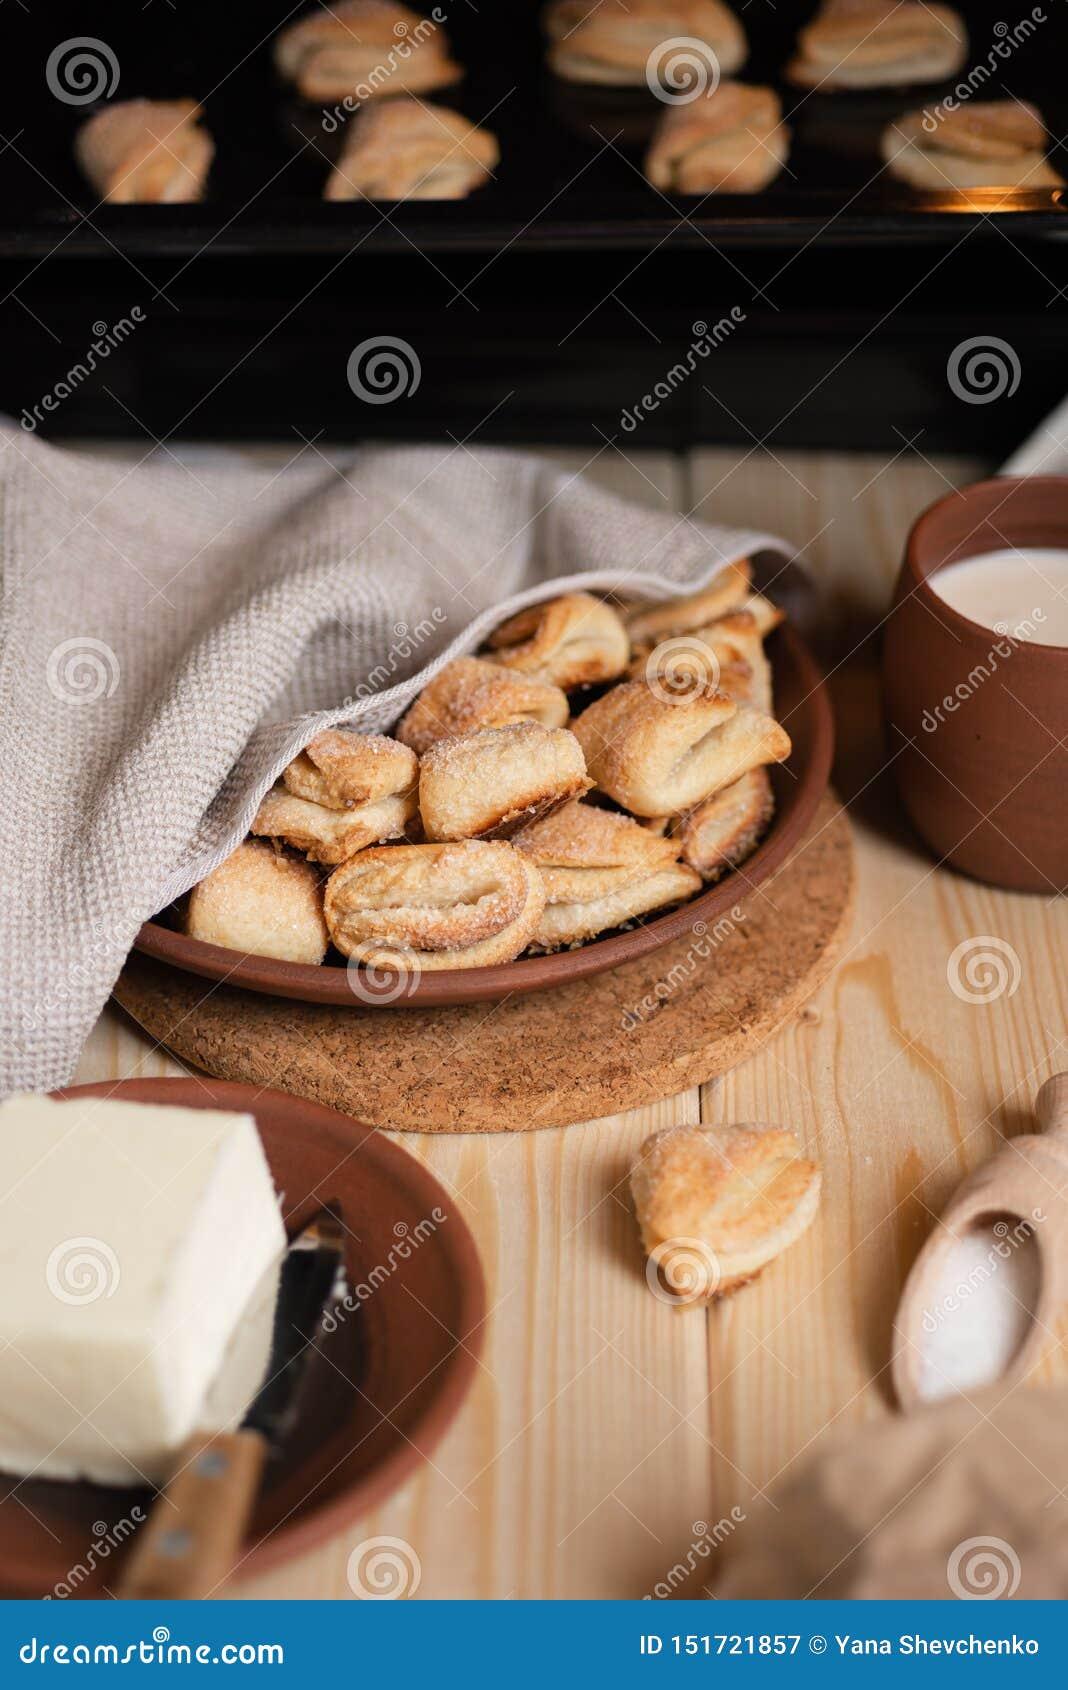 Σπιτικά μπισκότα ζάχαρης Συστατικά για τα μπισκότα - ζάχαρη, βούτυρο